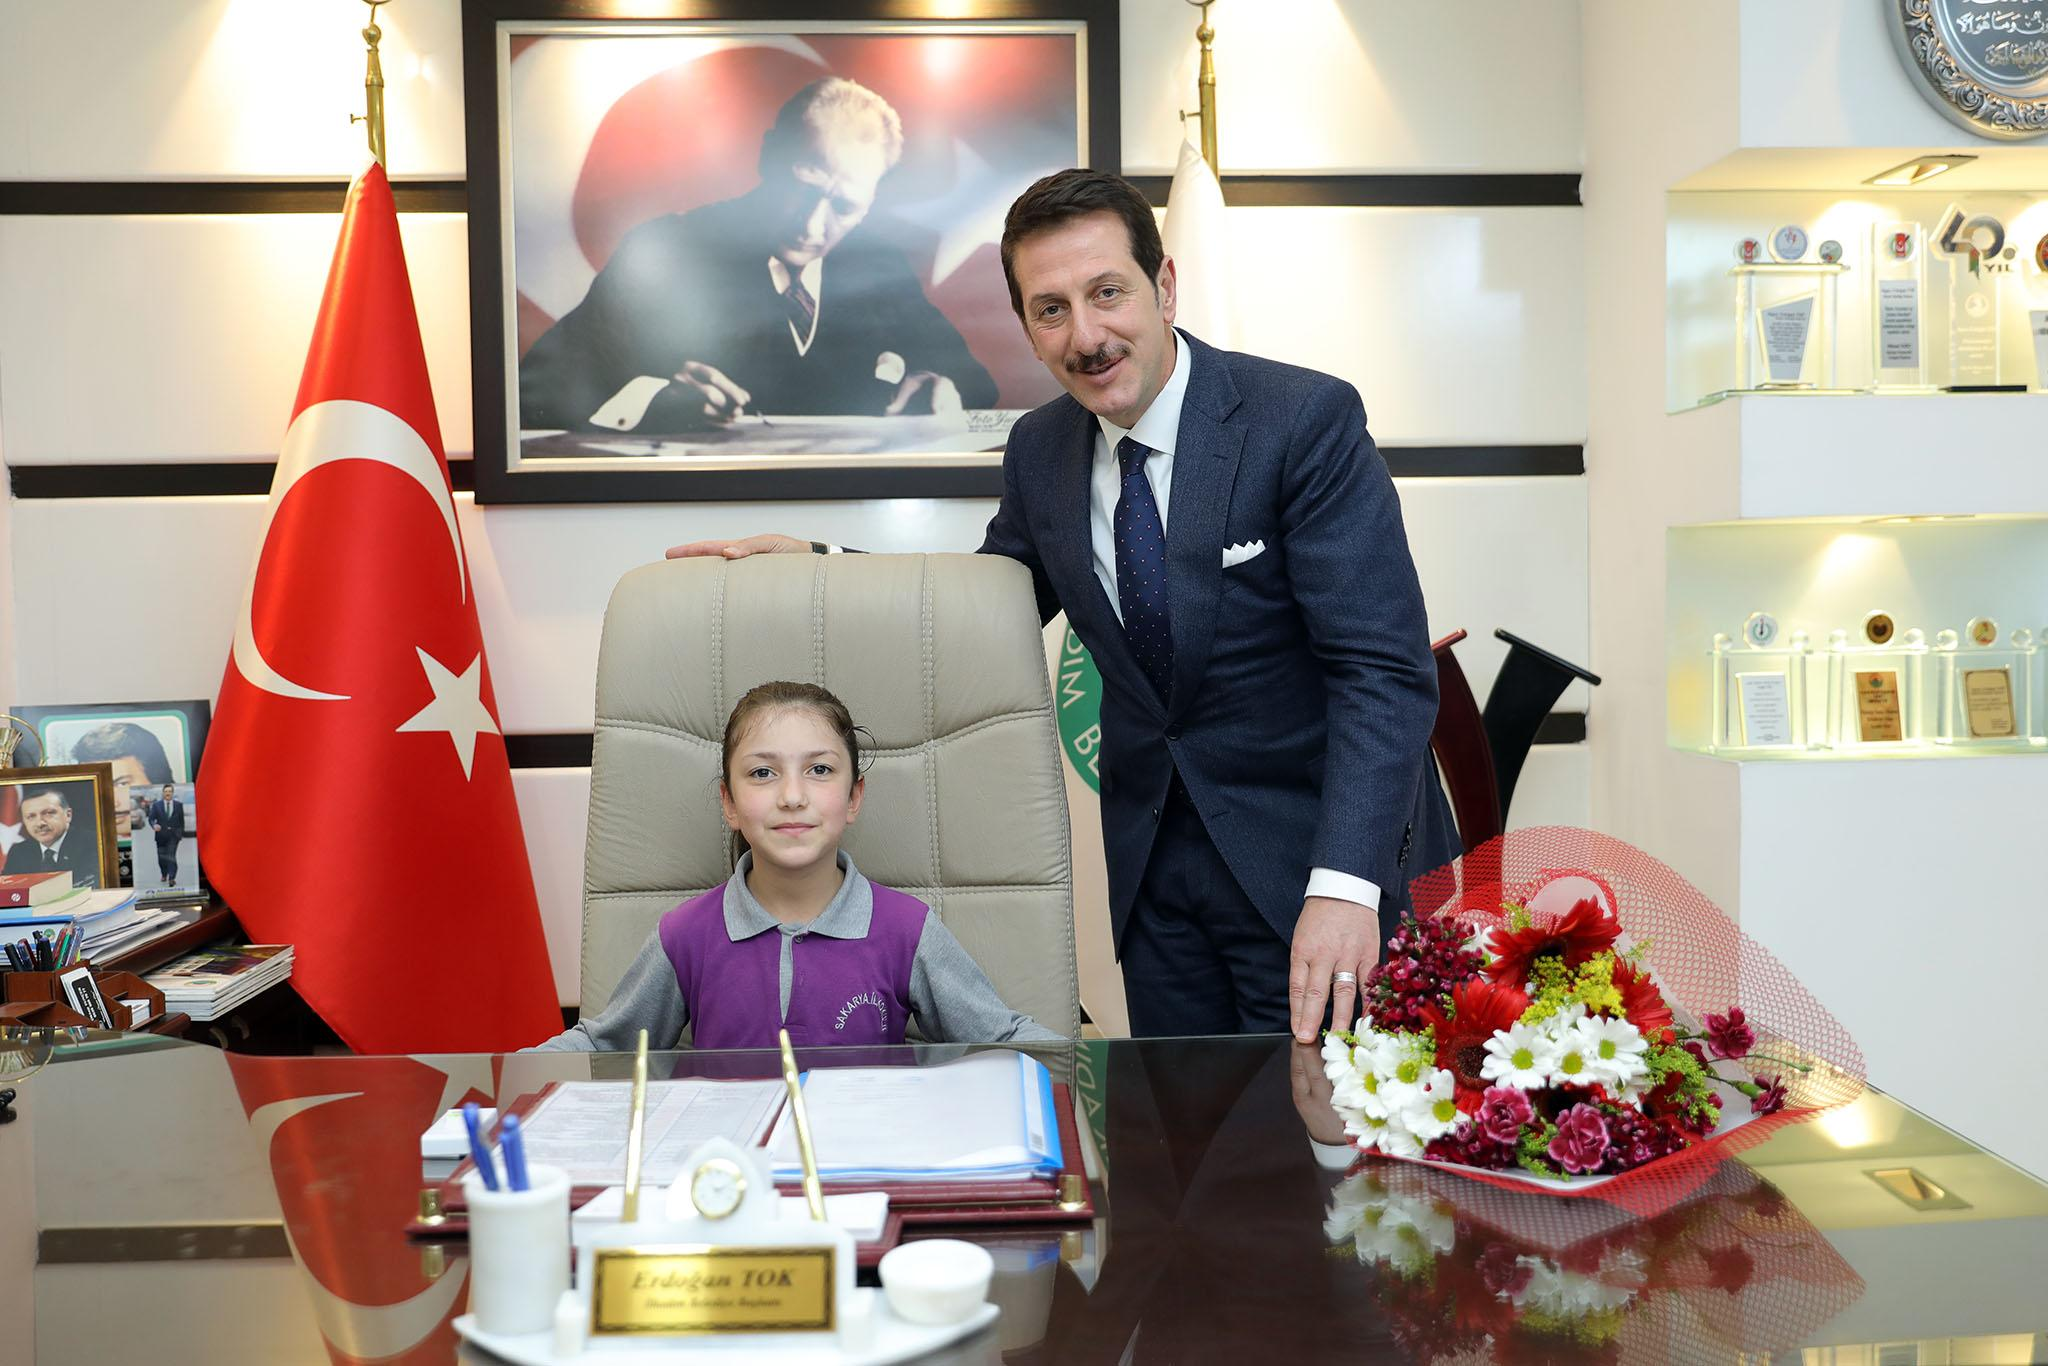 - 23 makam 2 - İlkadım Belediye Başkanı Tok, koltuğunu Minik Rana'ya devretti…